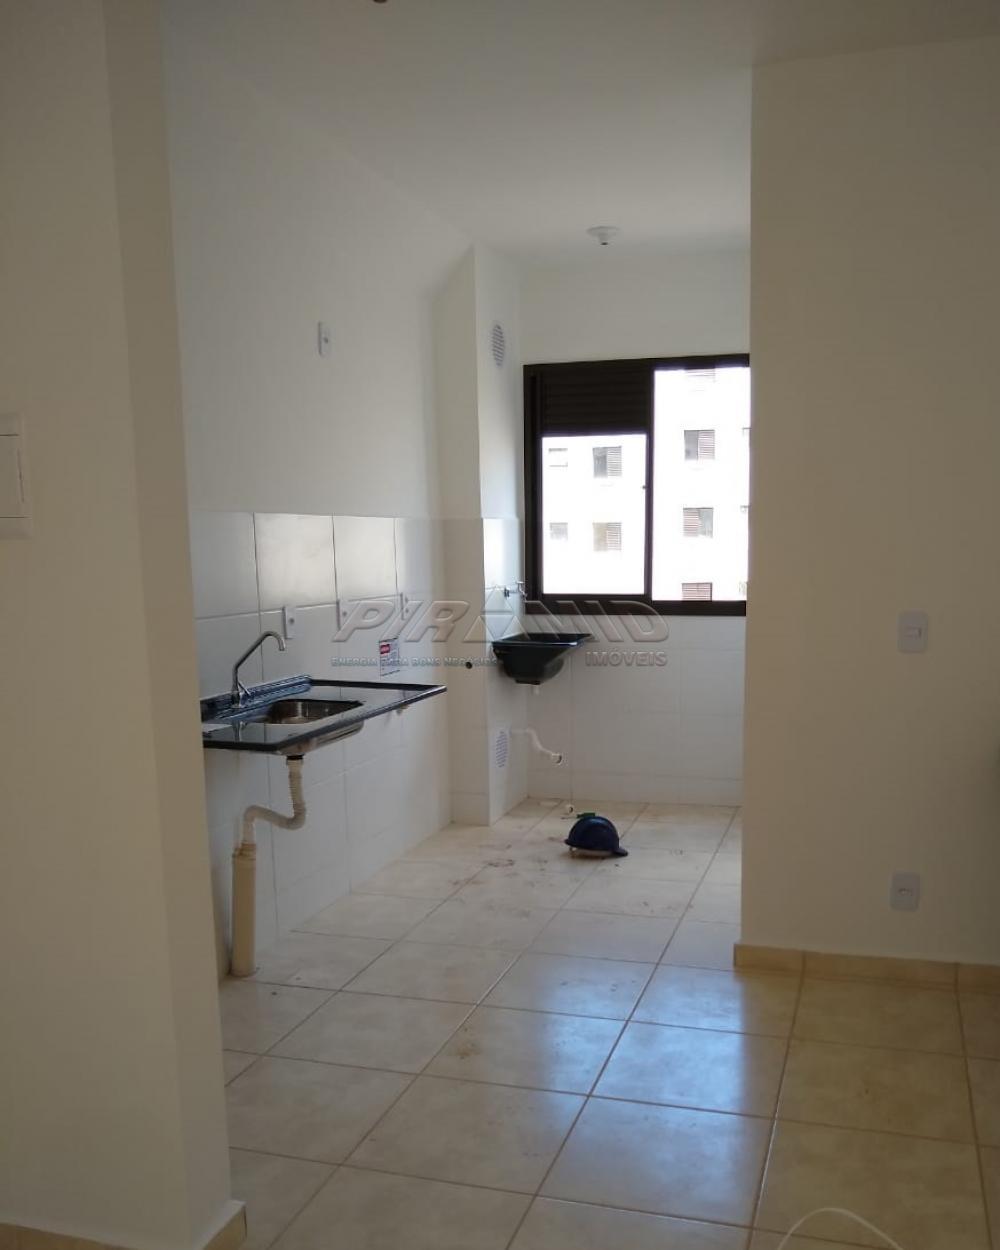 Alugar Apartamento / Padrão em Ribeirão Preto R$ 750,00 - Foto 3